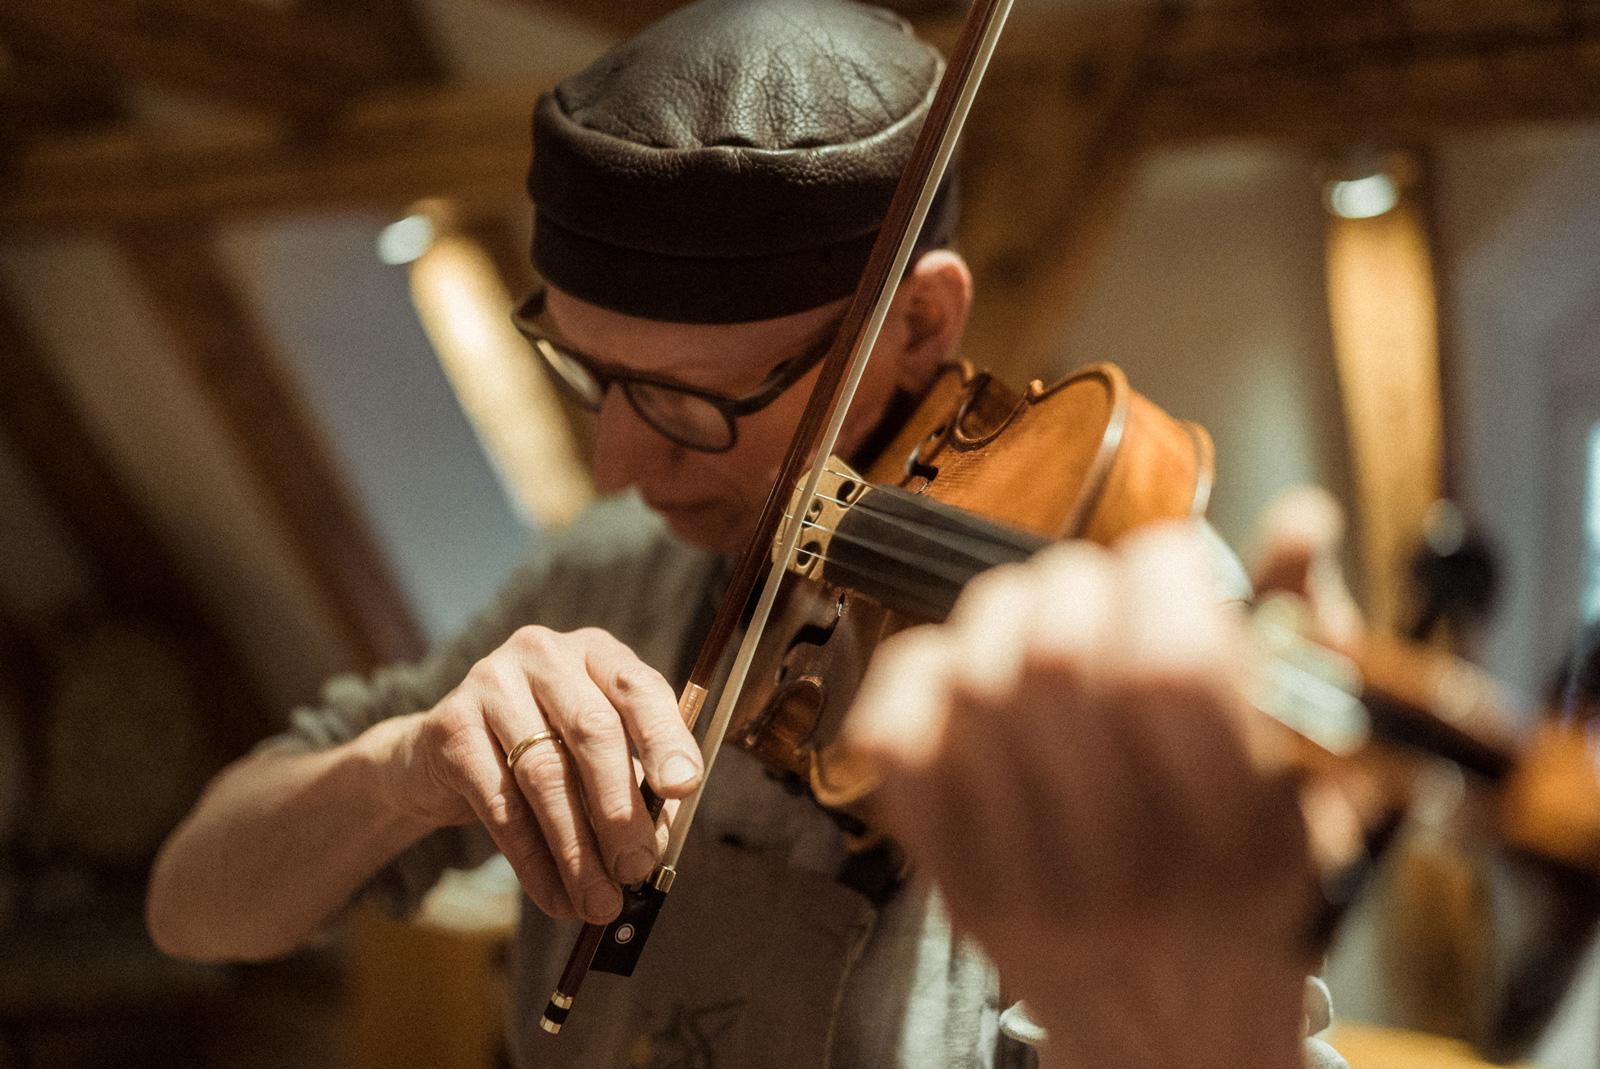 Martin Schleske spielt nicht nur Geige, sondern auch E-Gittarre